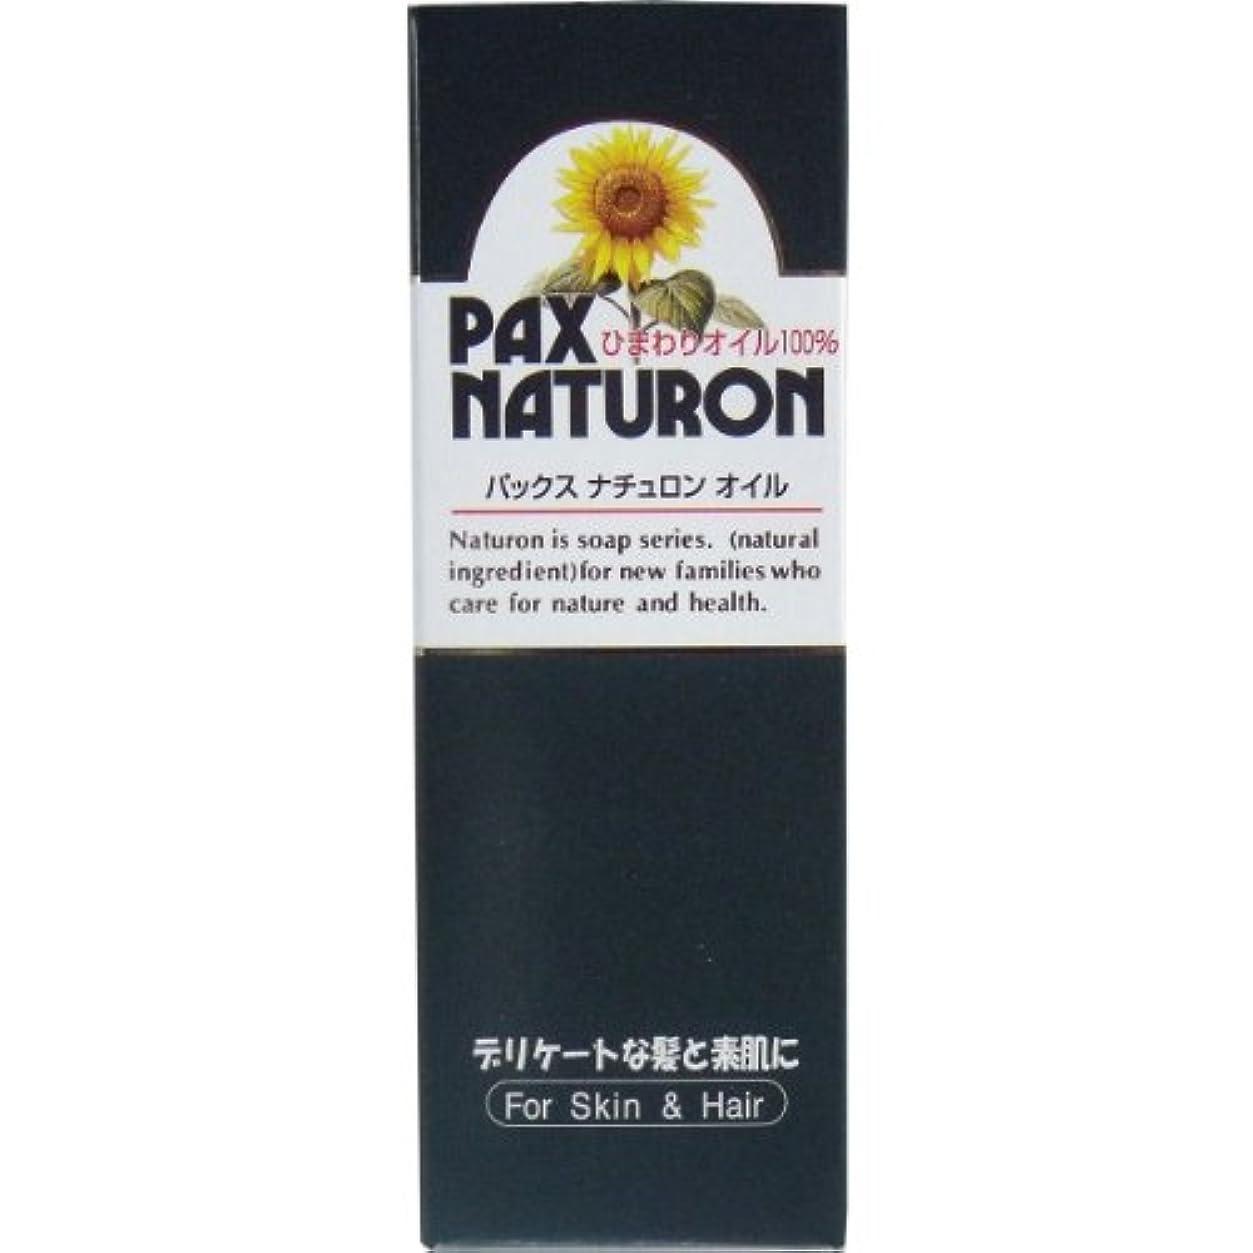 上昇増幅する弱まるパックスナチュロン オイル (ひまわりオイル100%) 60mL 太陽油脂